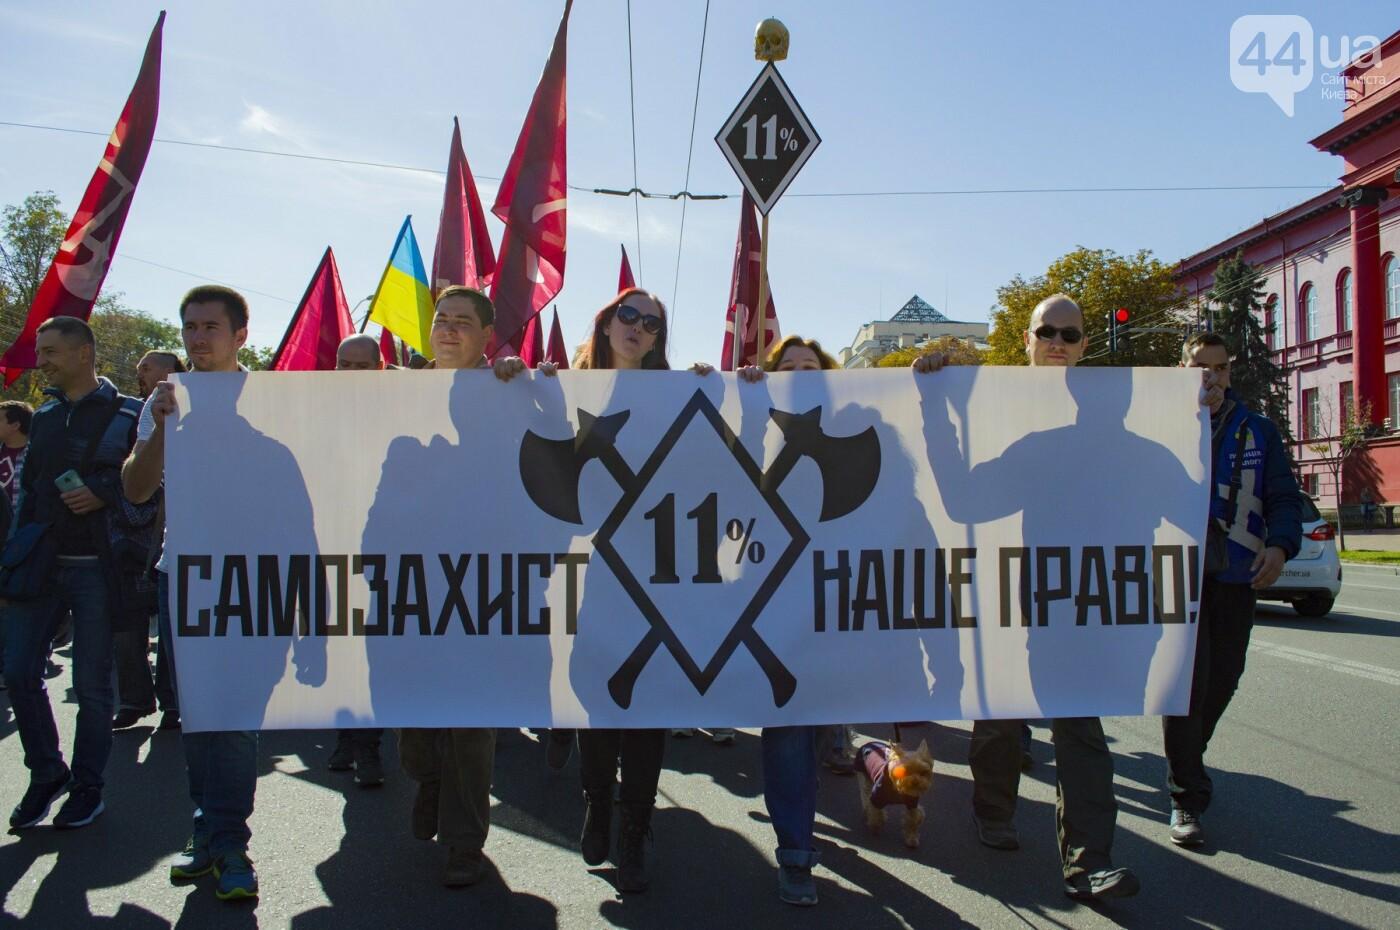 С волынкой, барабанами и черепом: как в Киеве люди митинговали за право на самооборону, фото-8